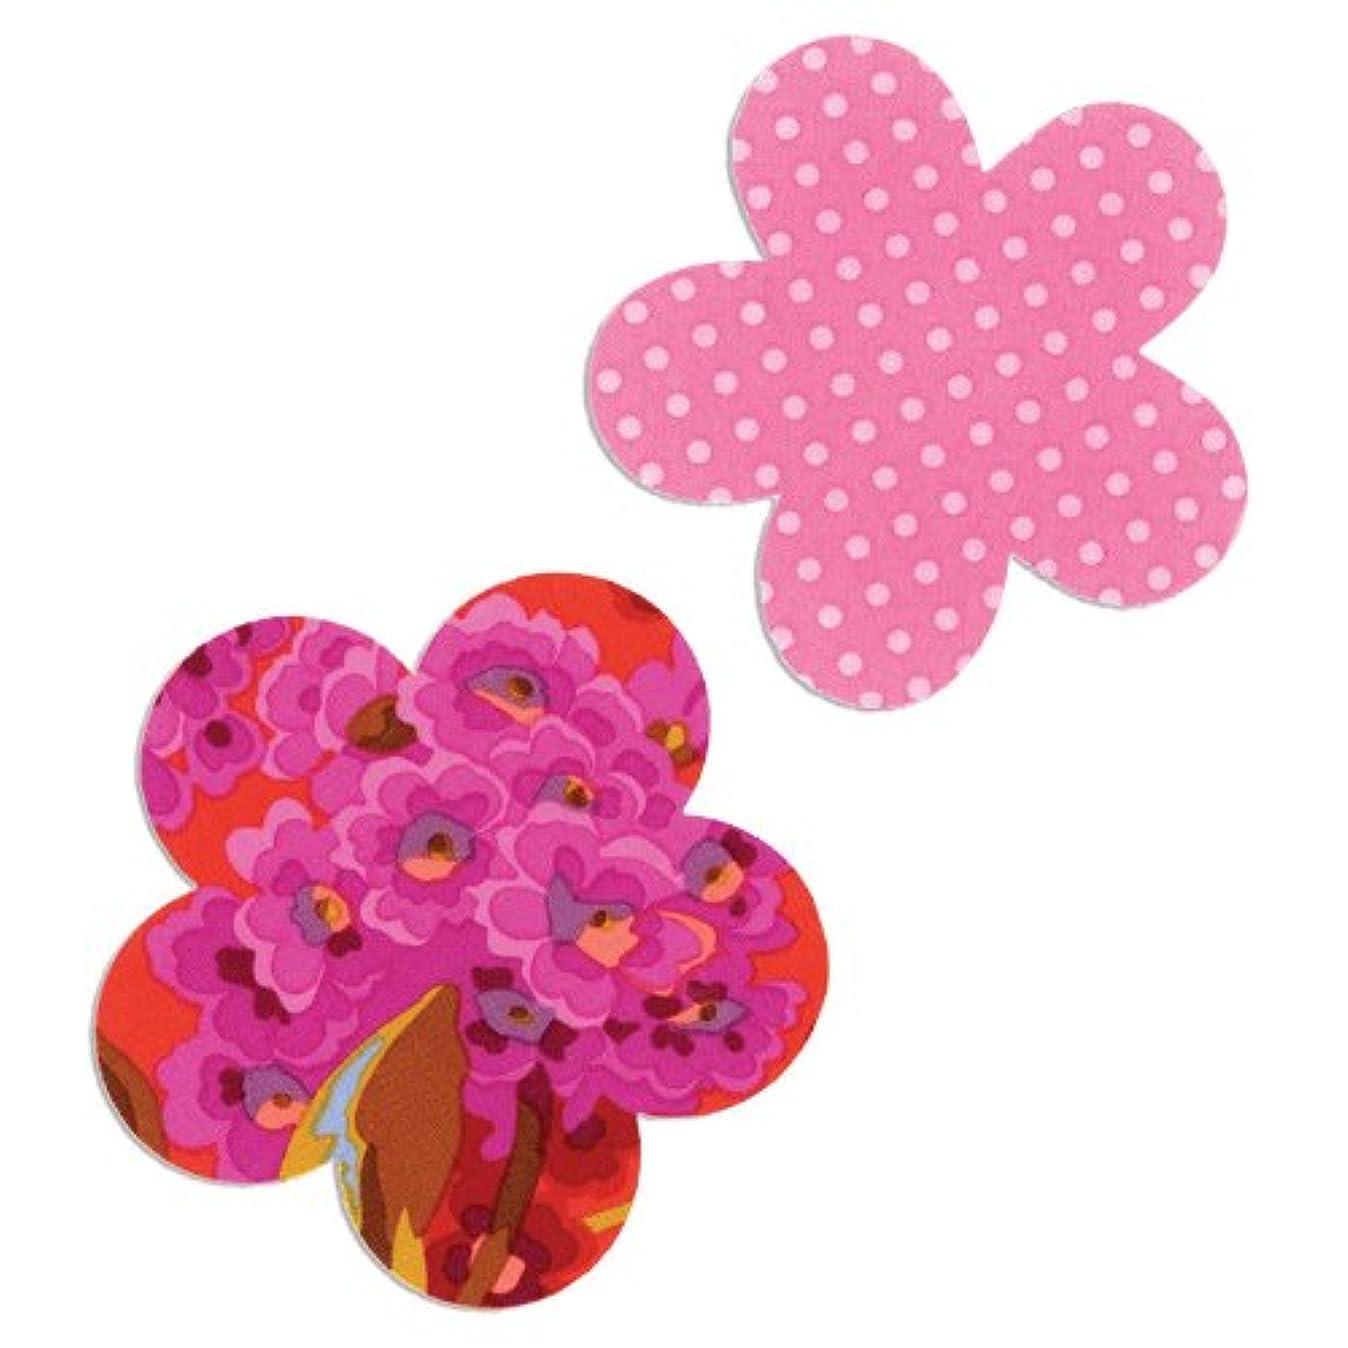 Sizzix 658101 Bigz Die, Flowers by Rachael Bright z6980149547